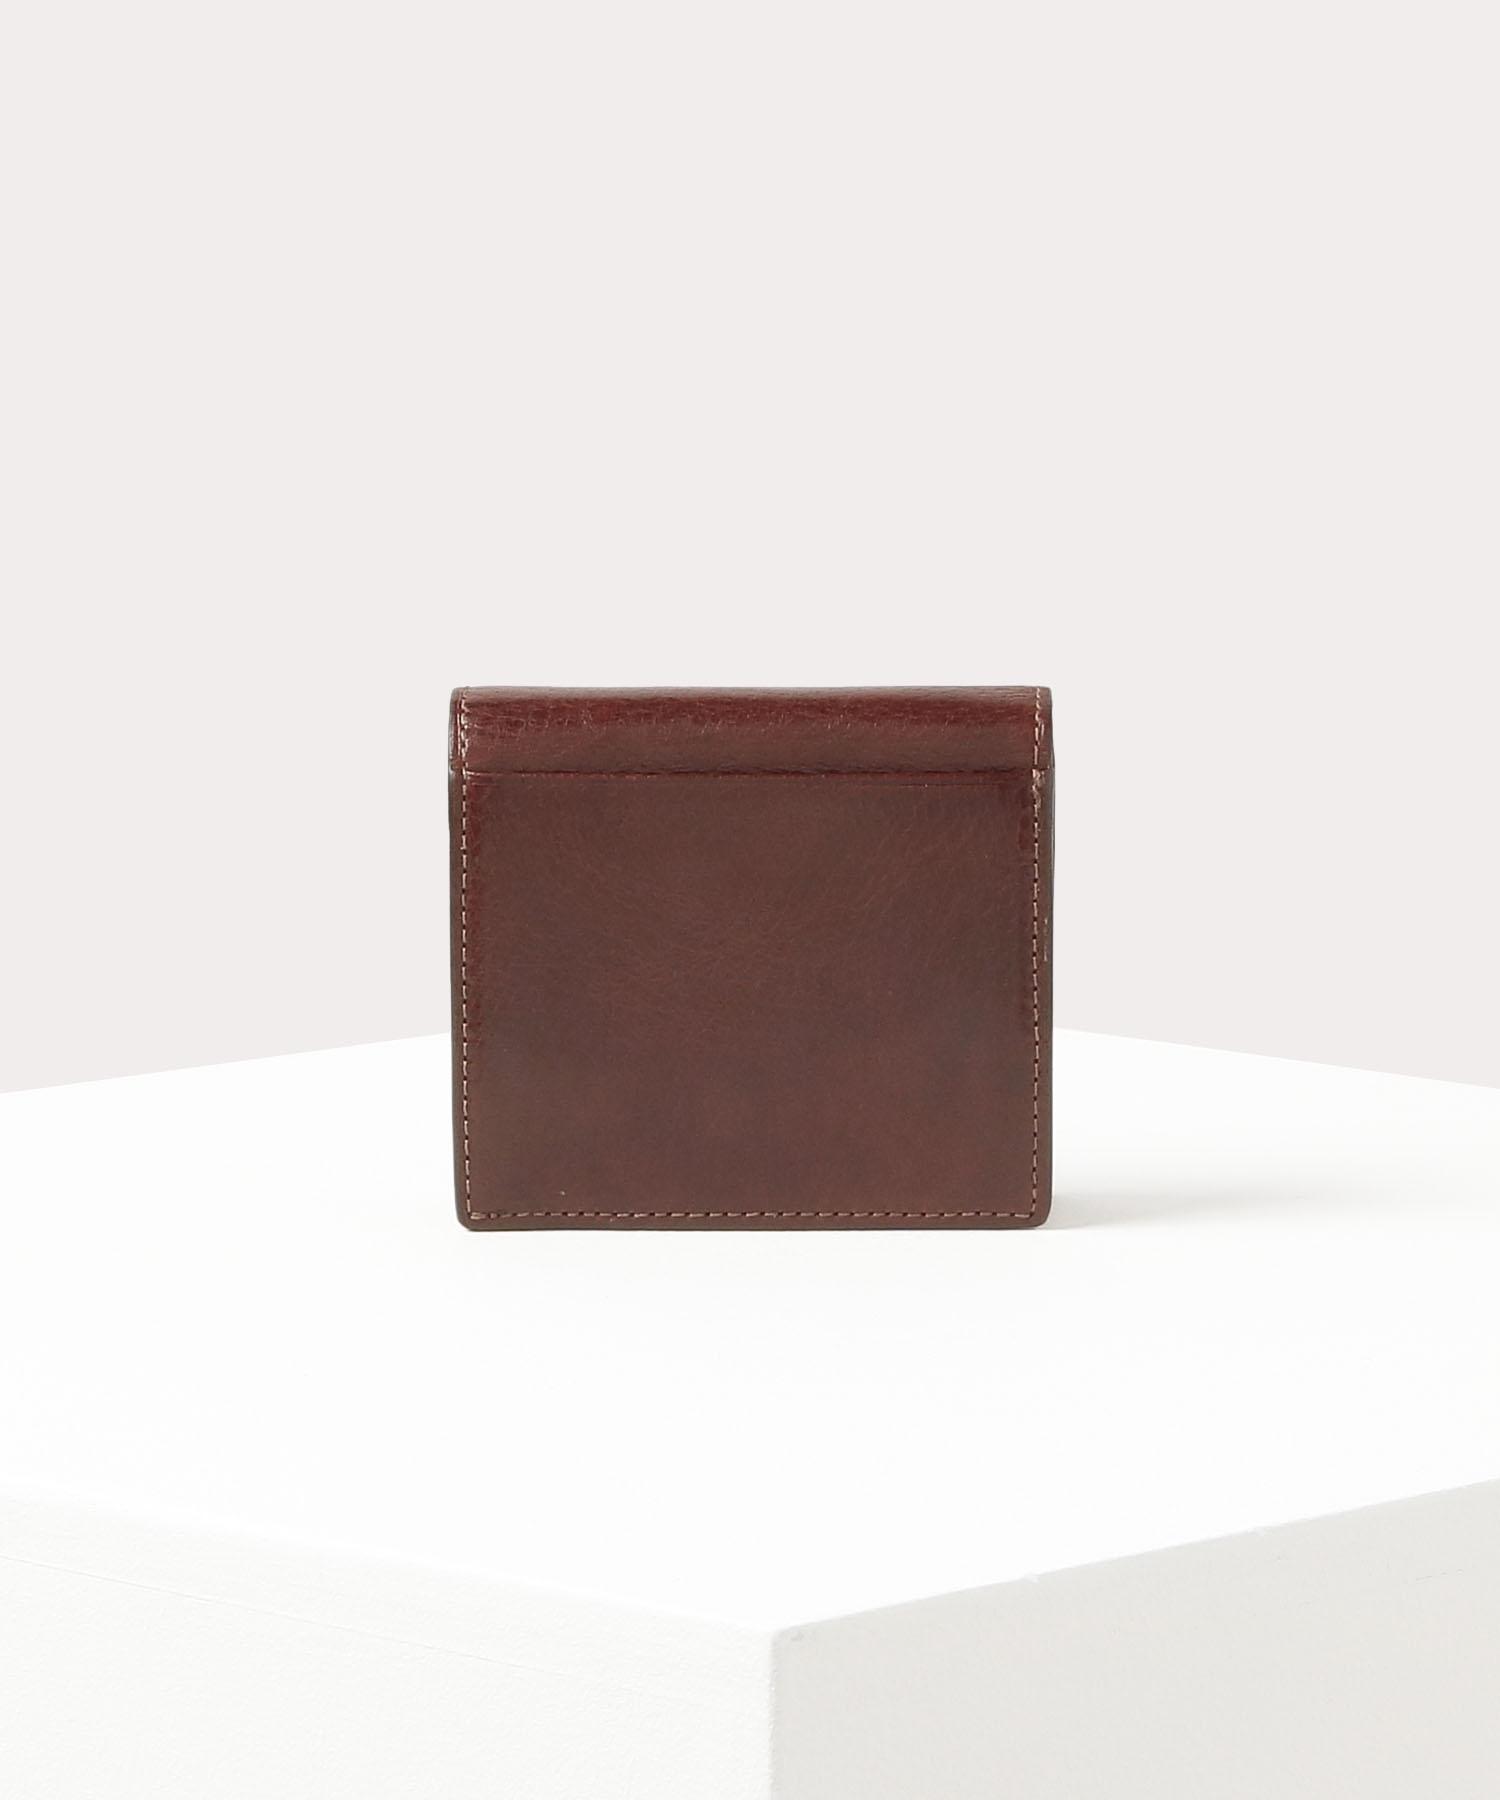 ピッグスキン 二つ折り財布